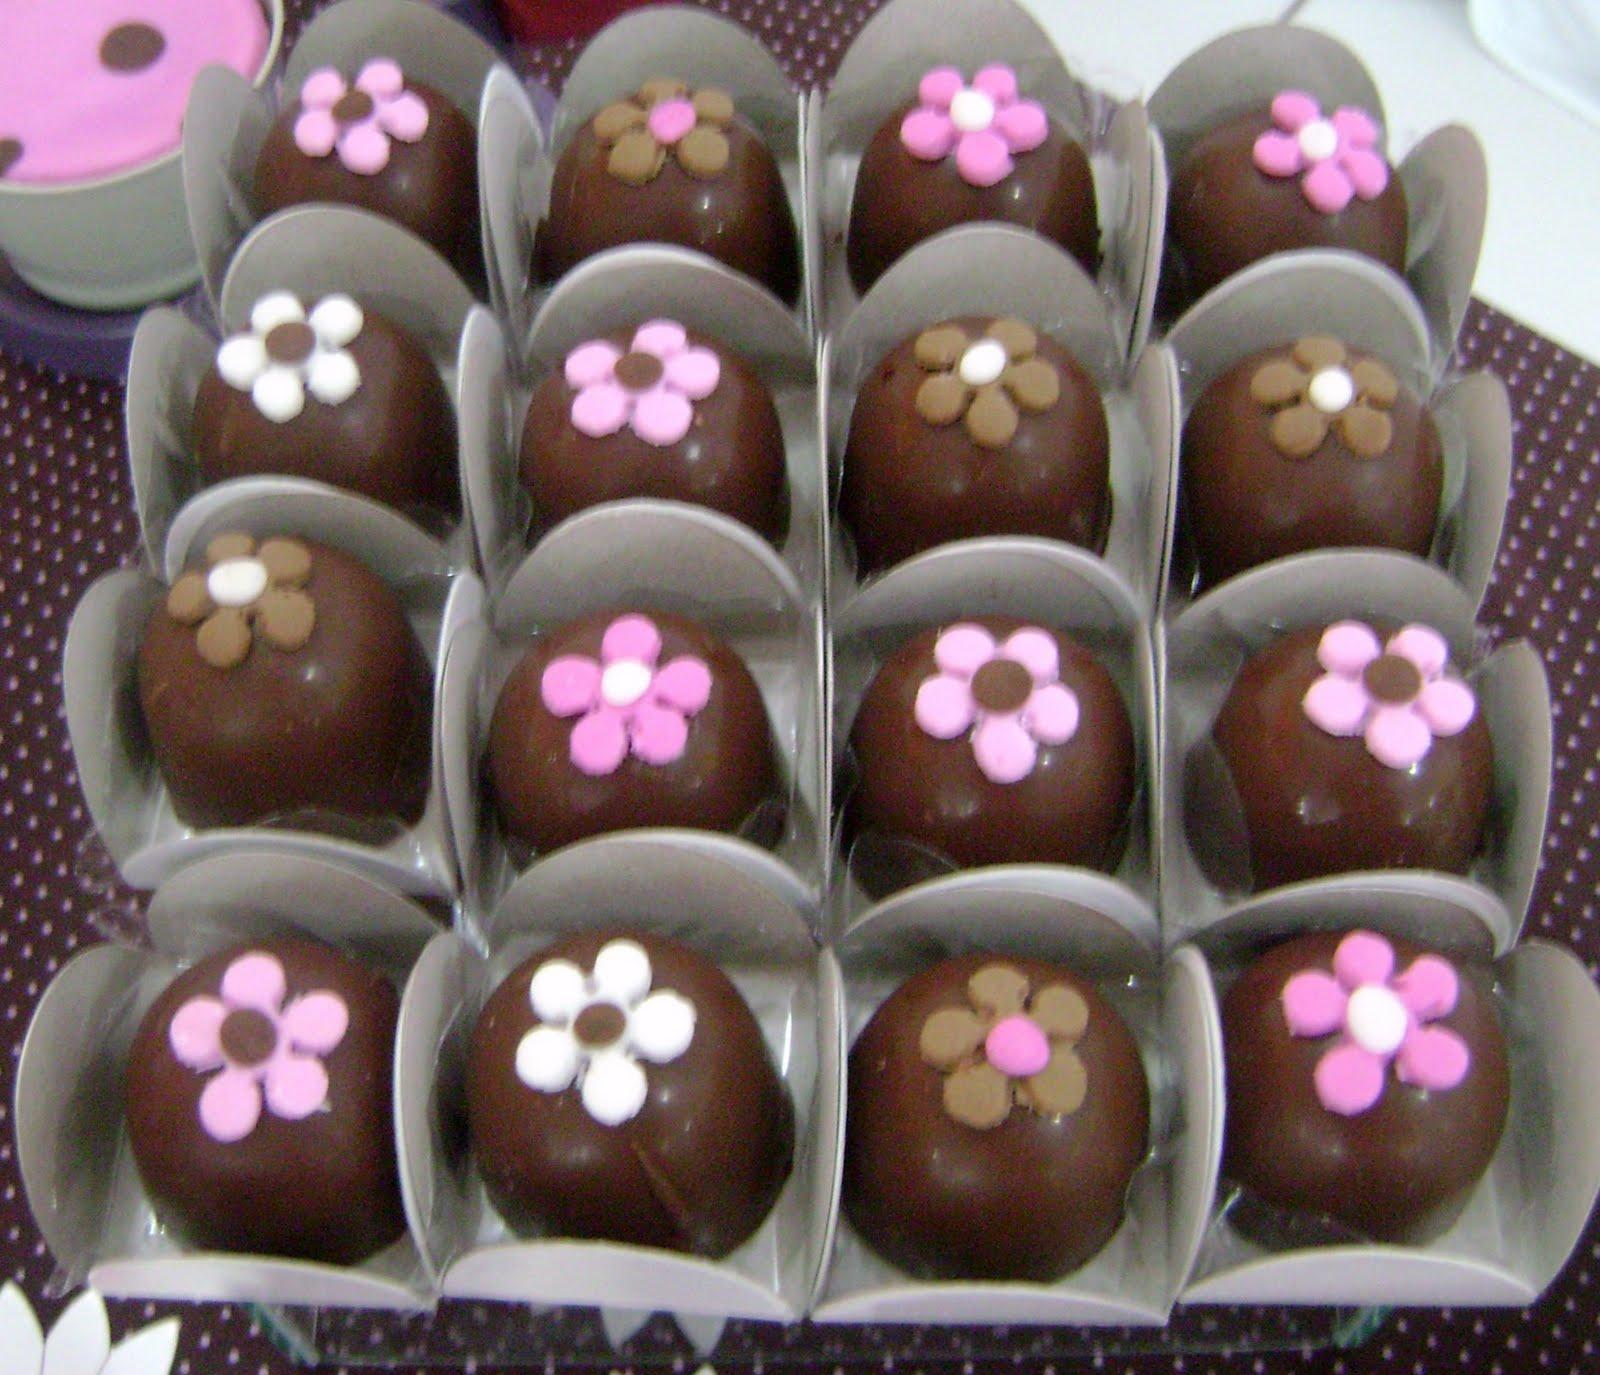 #9F2C87 Michelle Lecce Bolos Doces e Chocolates: Chá de Panela 1600x1375 px Projetar Minha Cozinha_886 Imagens